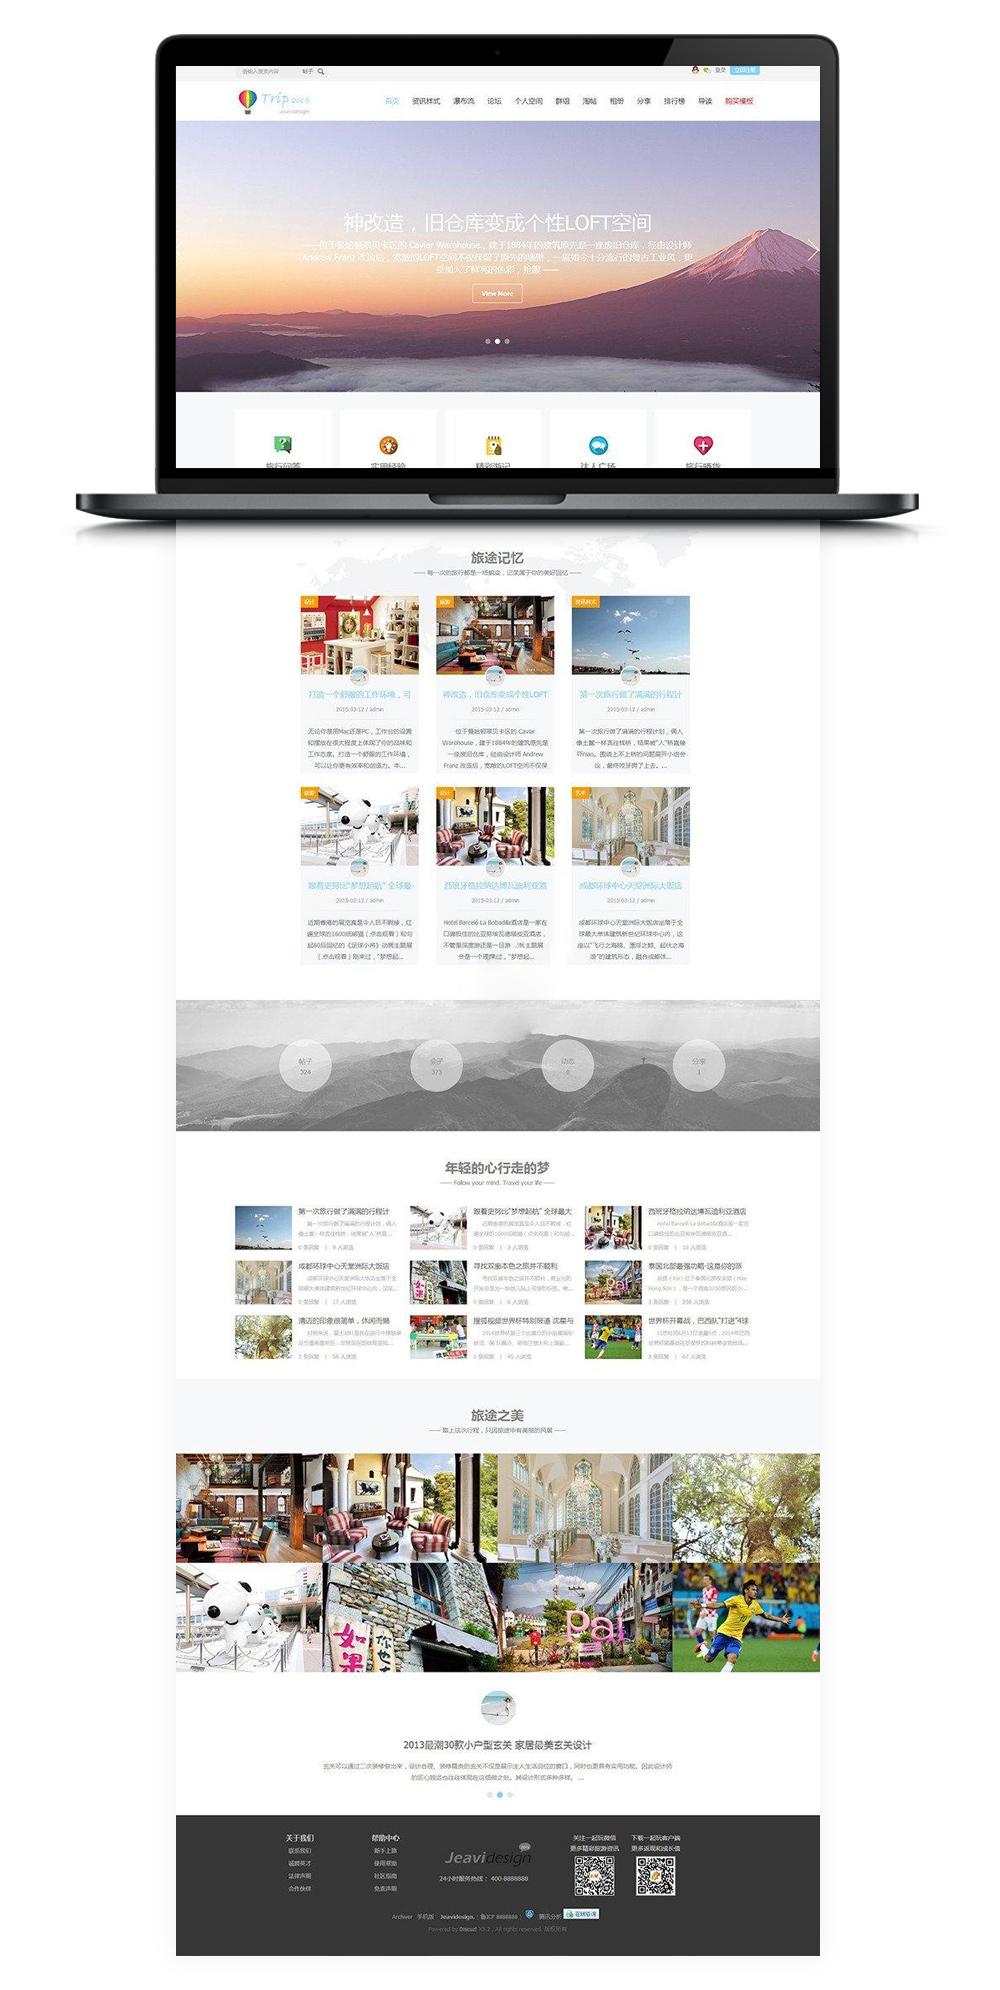 【DZ旅游网模板】非常漂亮的旅游旅行网驴友网dz网站源码[discuz模板]-找主题源码